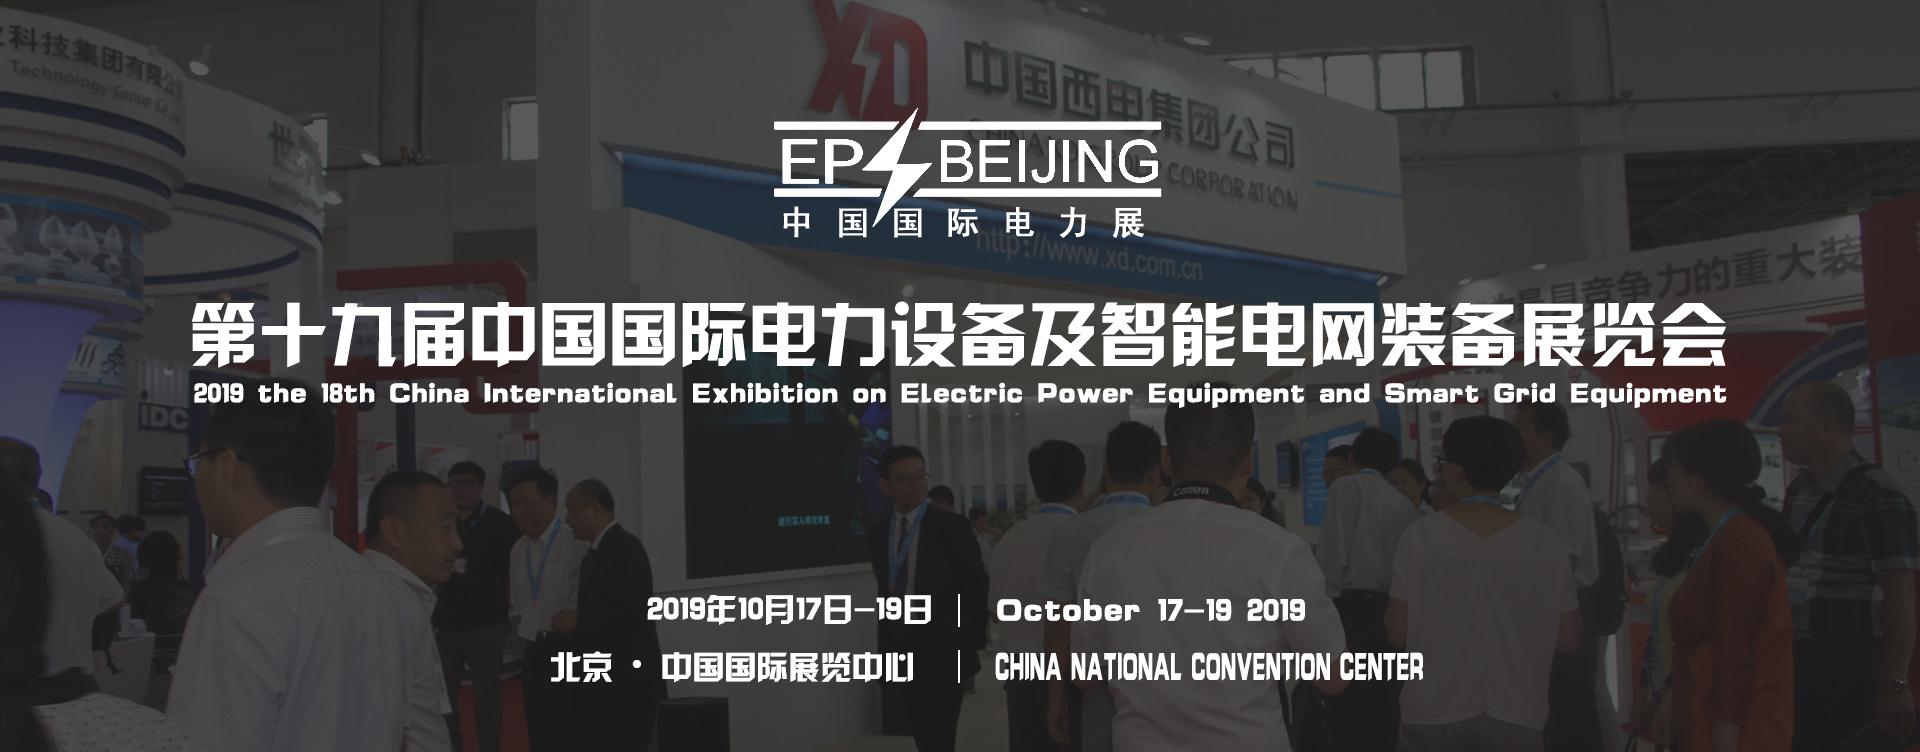 2019第十九屆中國國際智能電網裝備及電力設備展覽會